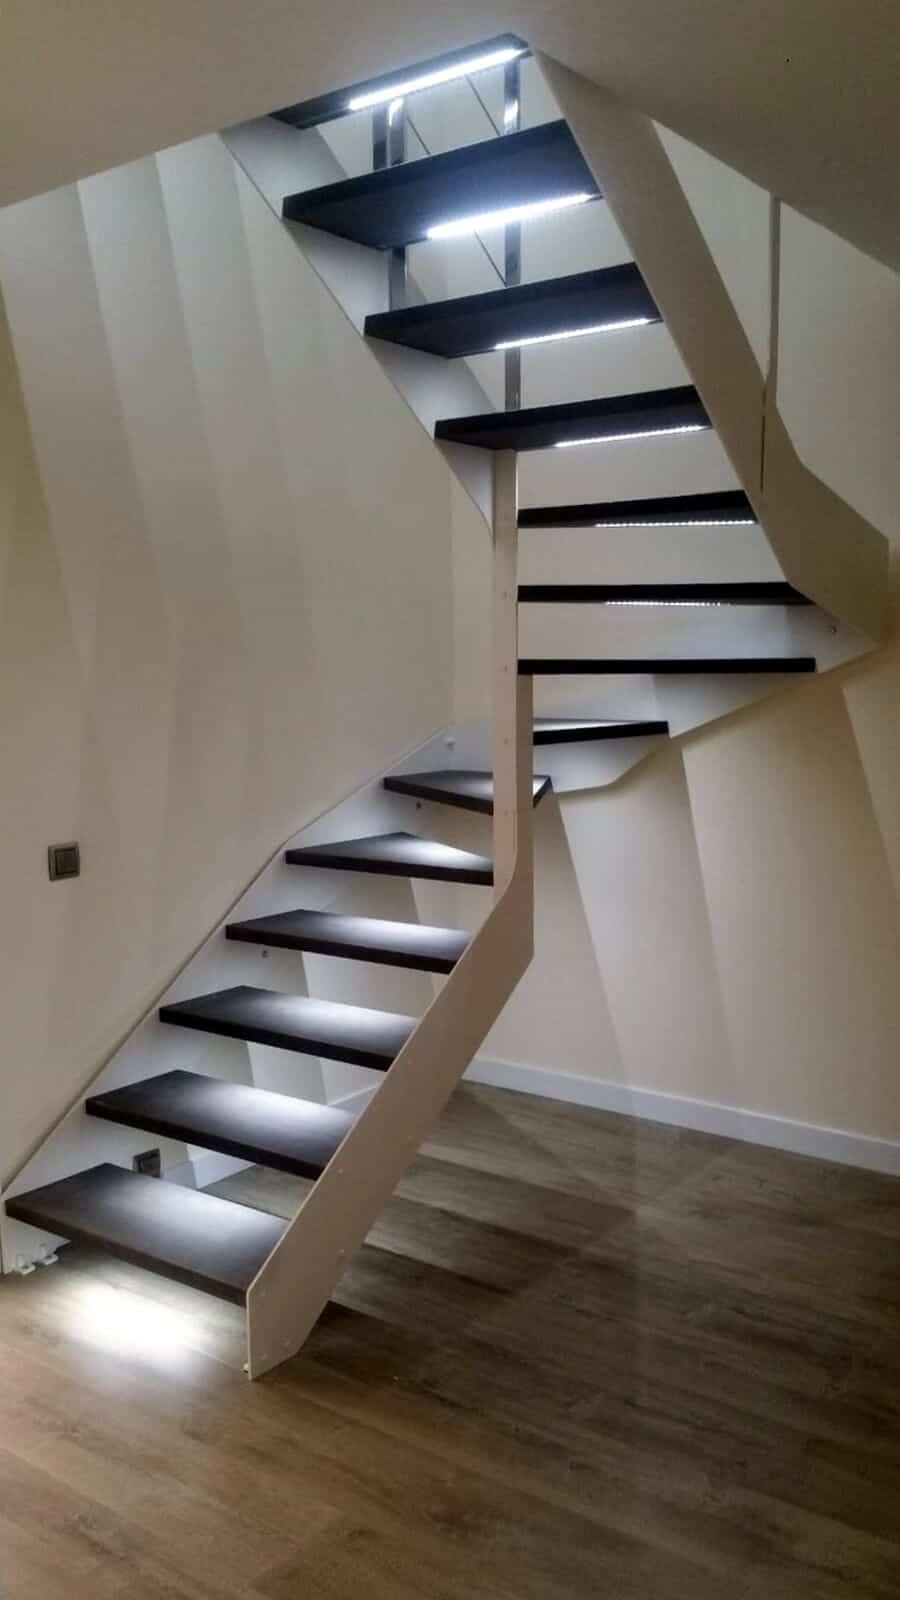 vídeos de escaleras interiores con luz